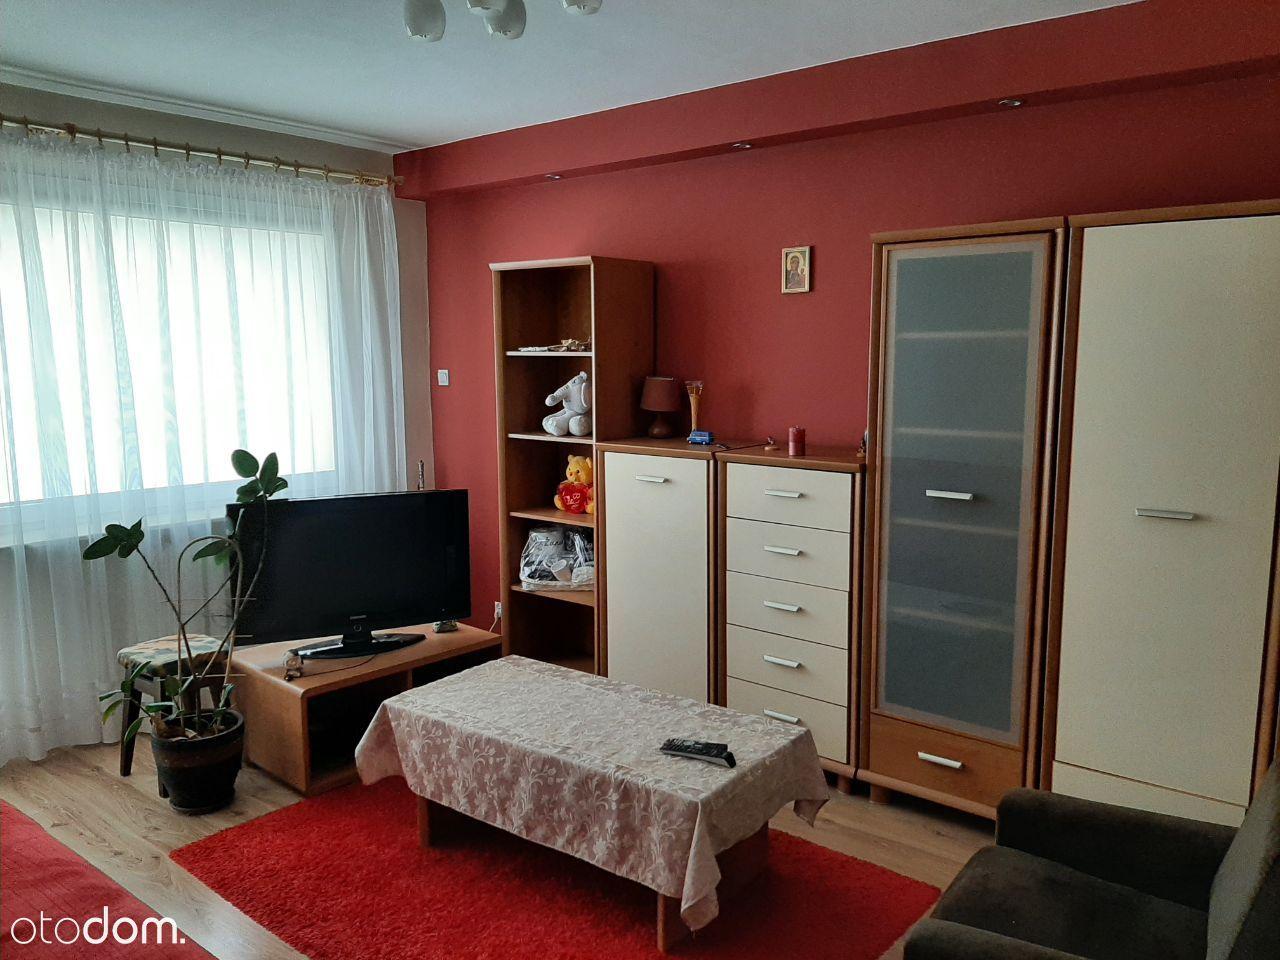 Sprzedam mieszkanie 2 pokojowe REZERWACJA